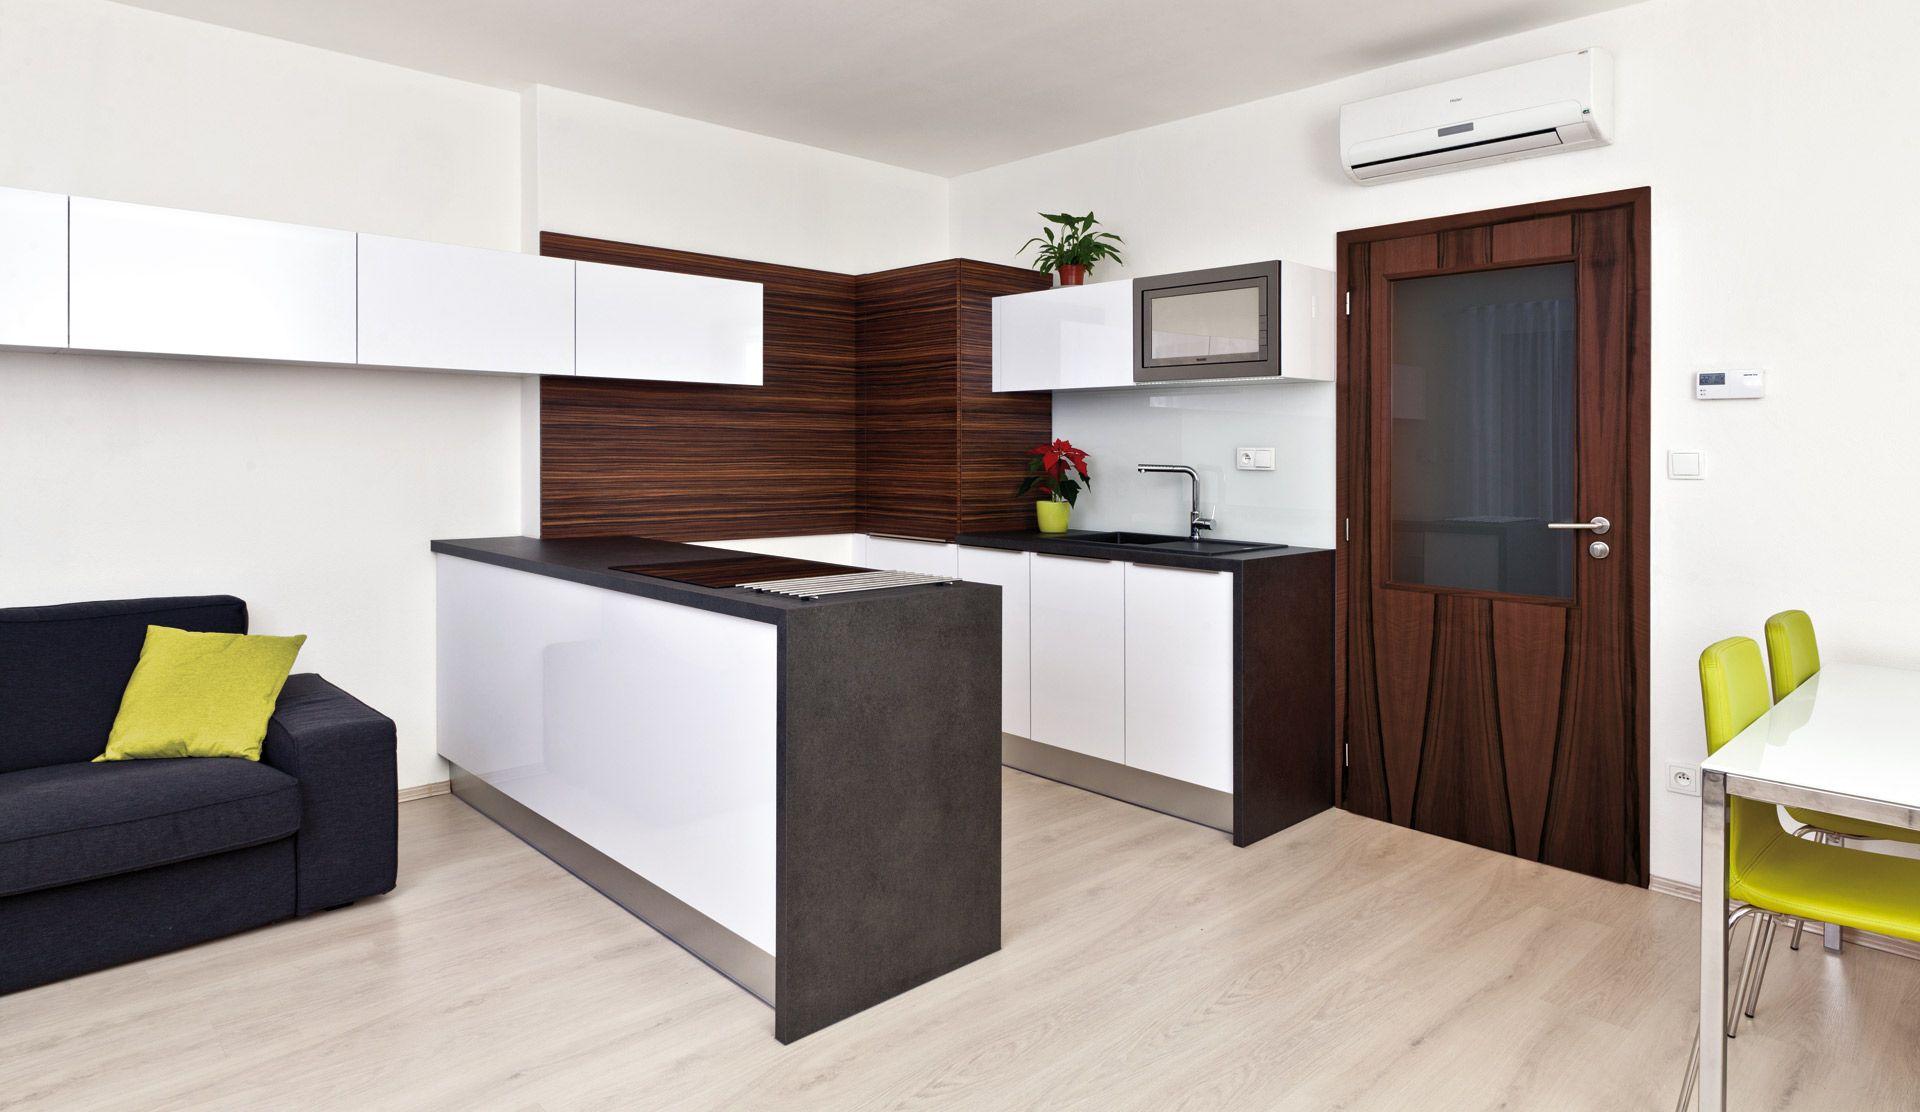 Cílem bylo získat více pracovní plochy v kuchyni a opticky oddělit obývací část prostoru.